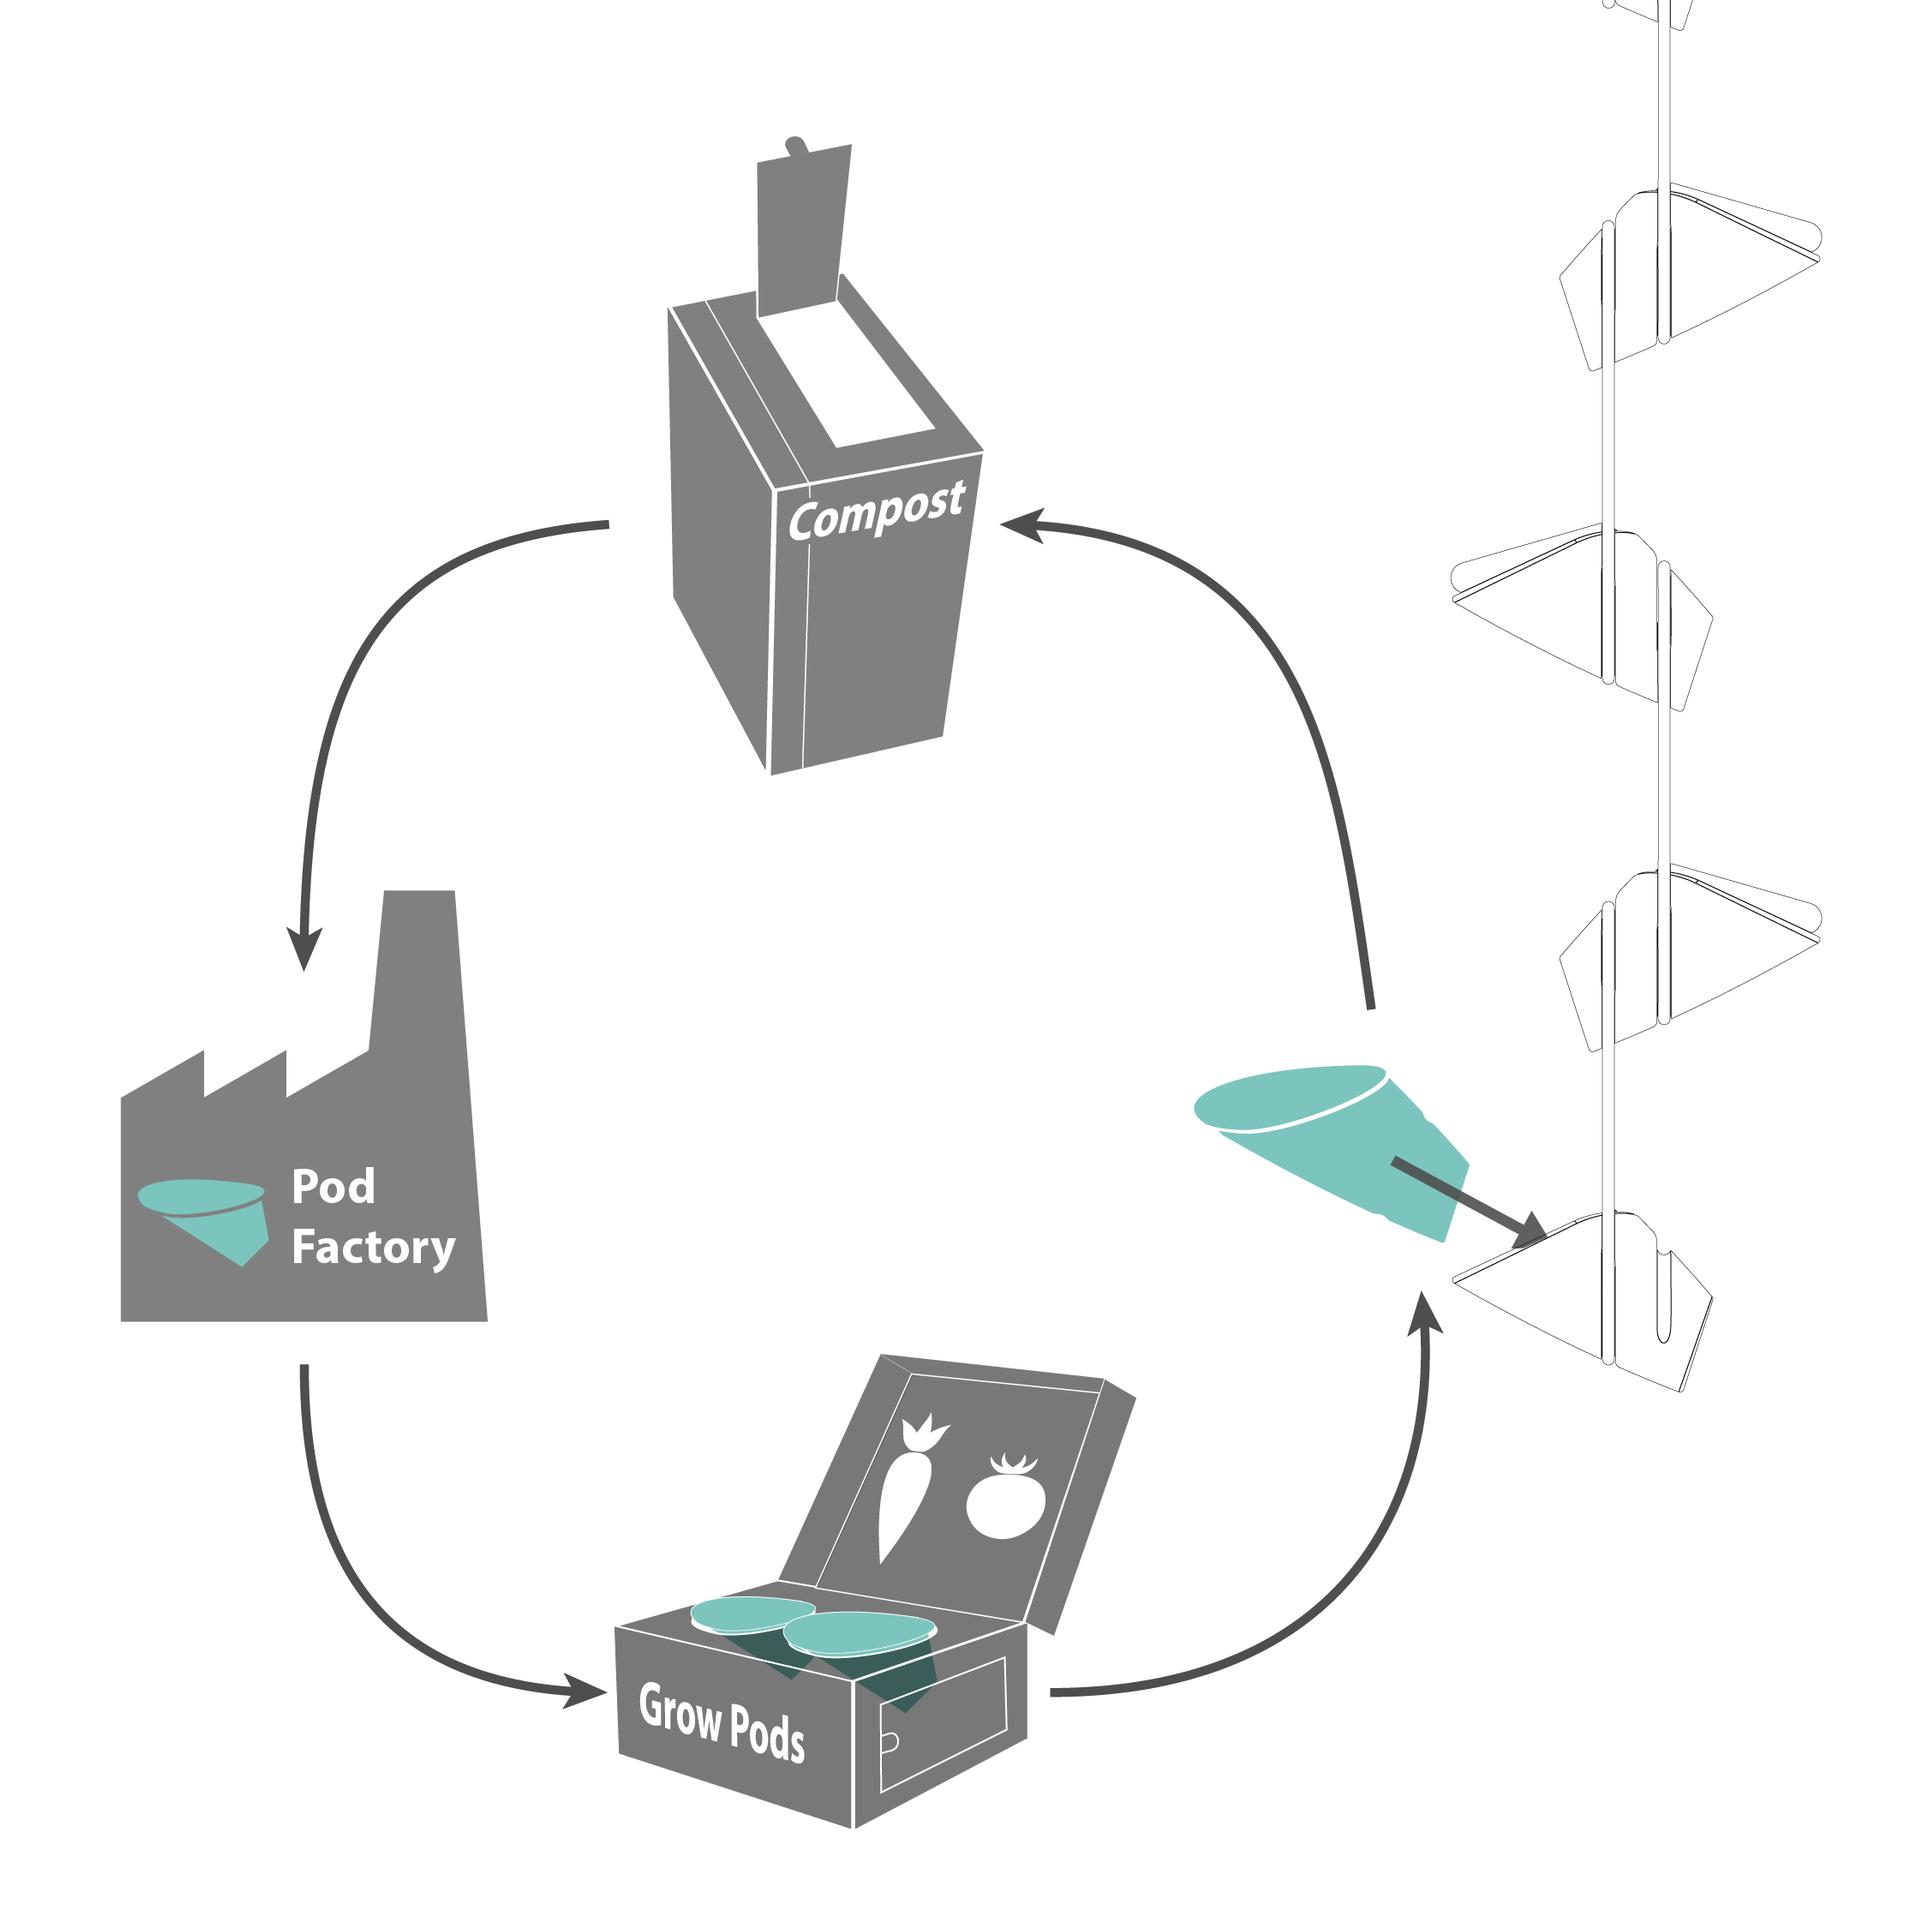 EHuggins_Pod service diagram_horiz-01.png